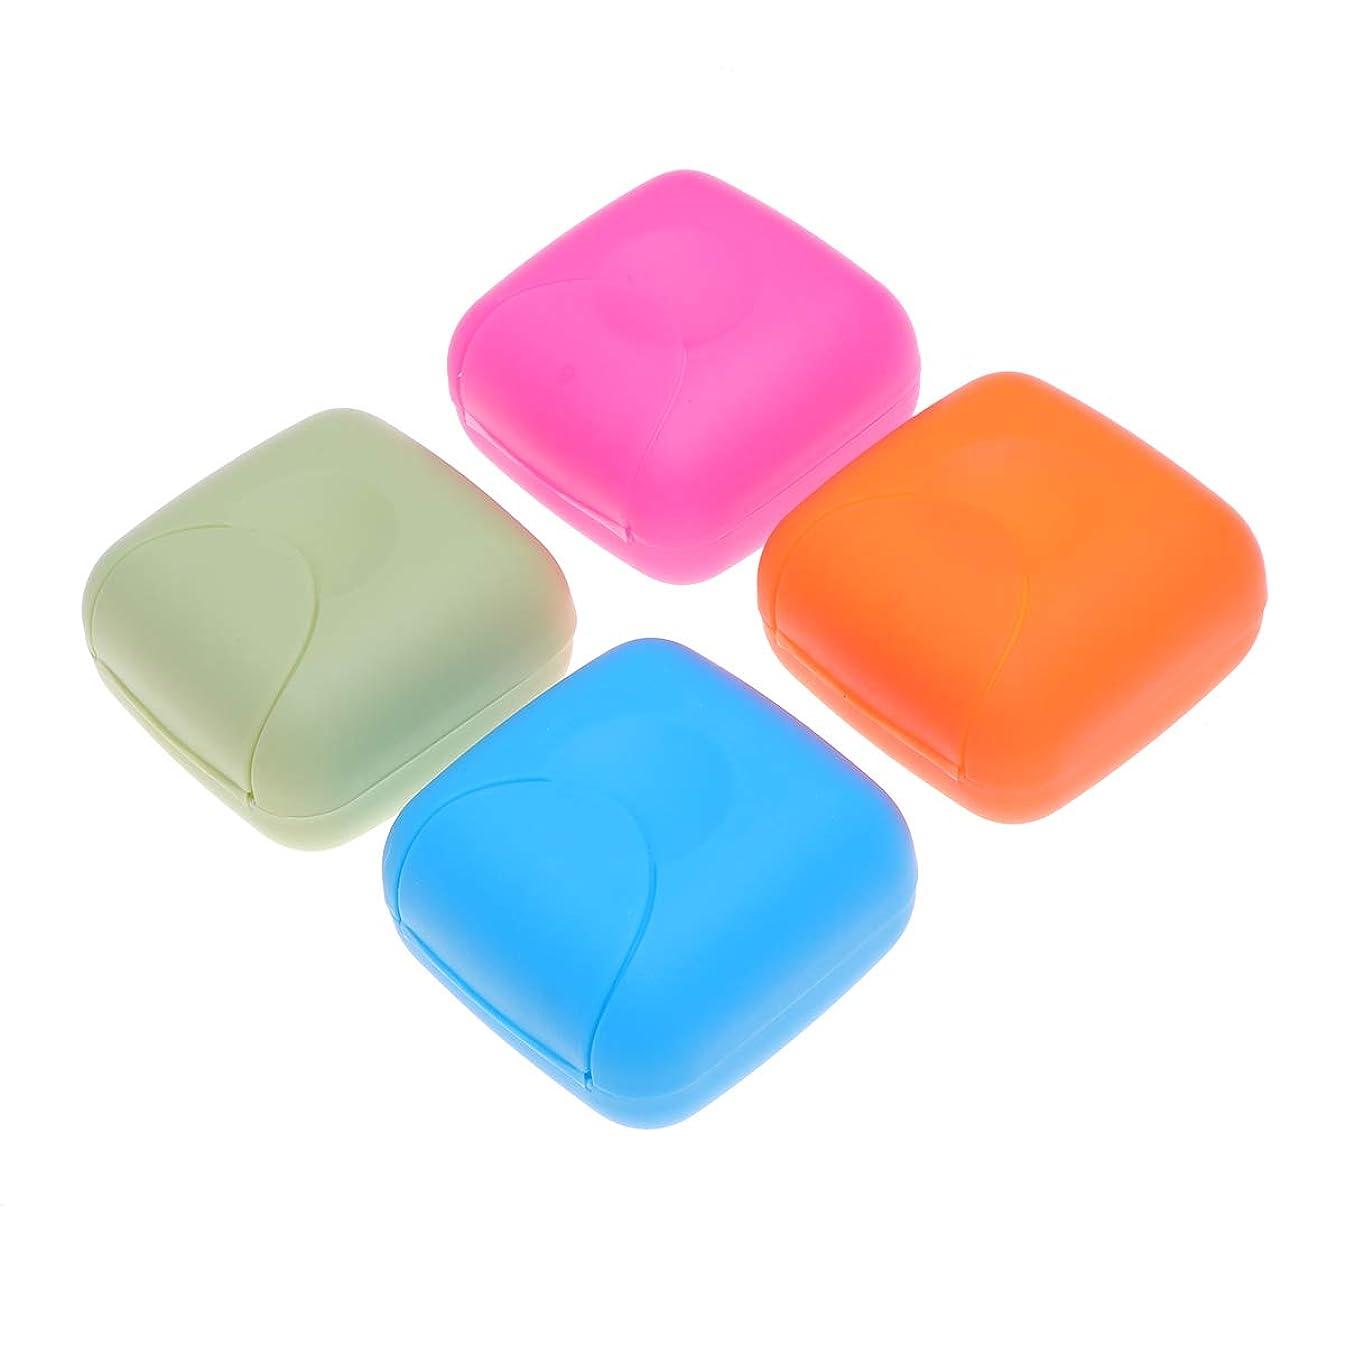 コンテンポラリーシンボル商標Healifty ソープボックスポータブルソープディッシュソープケース4本(ブルー、ロージー、オレンジ、ピンク)